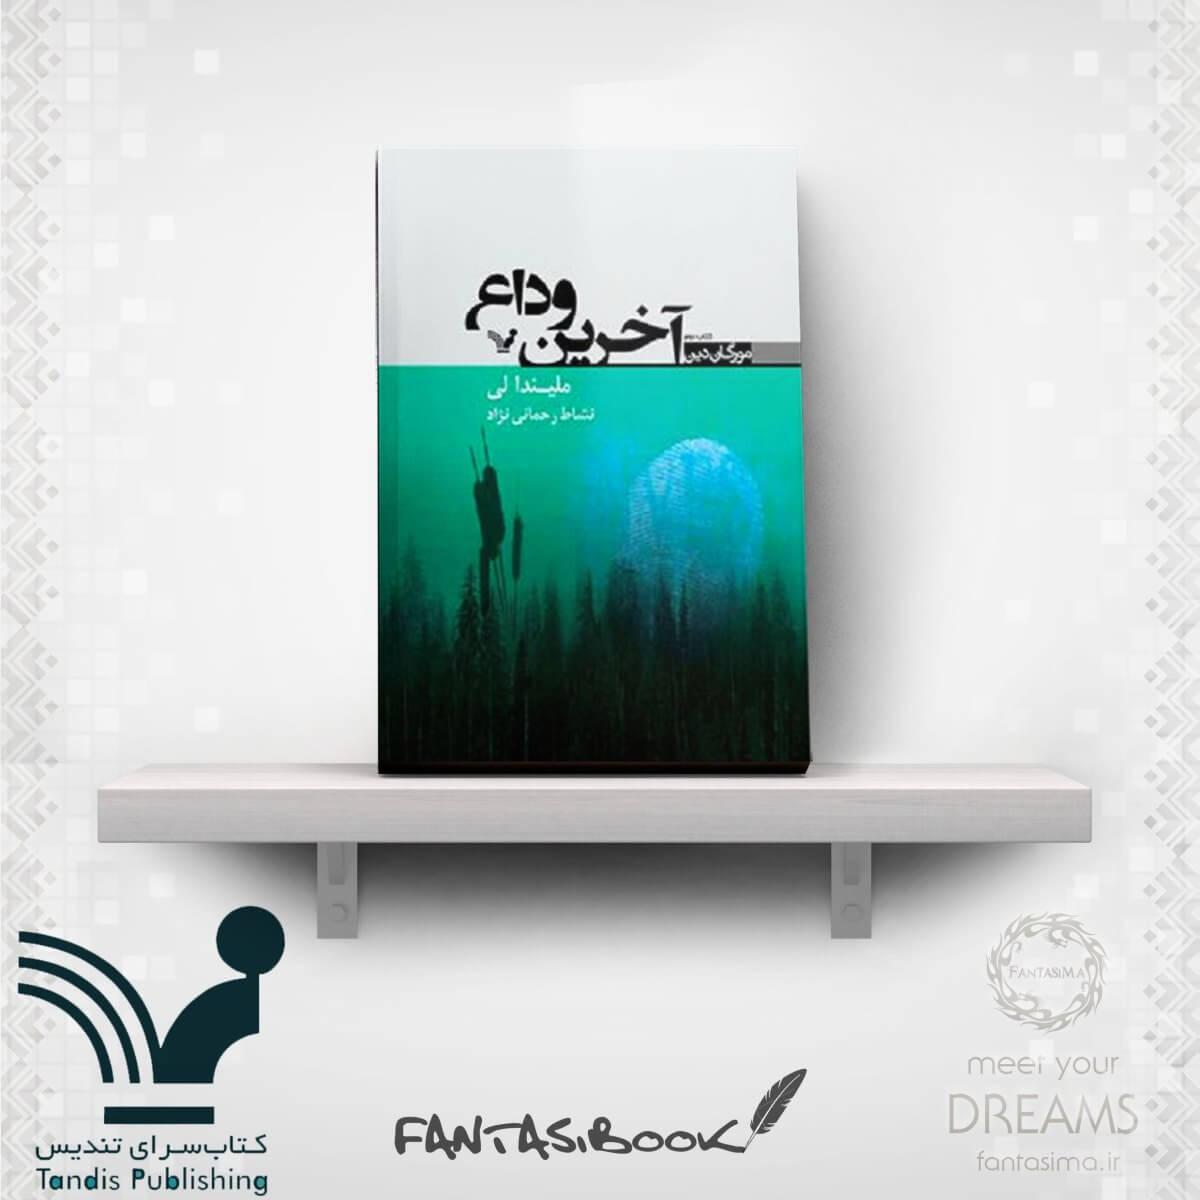 کتاب مورگان دین - جلد 2 - آخرین وداع